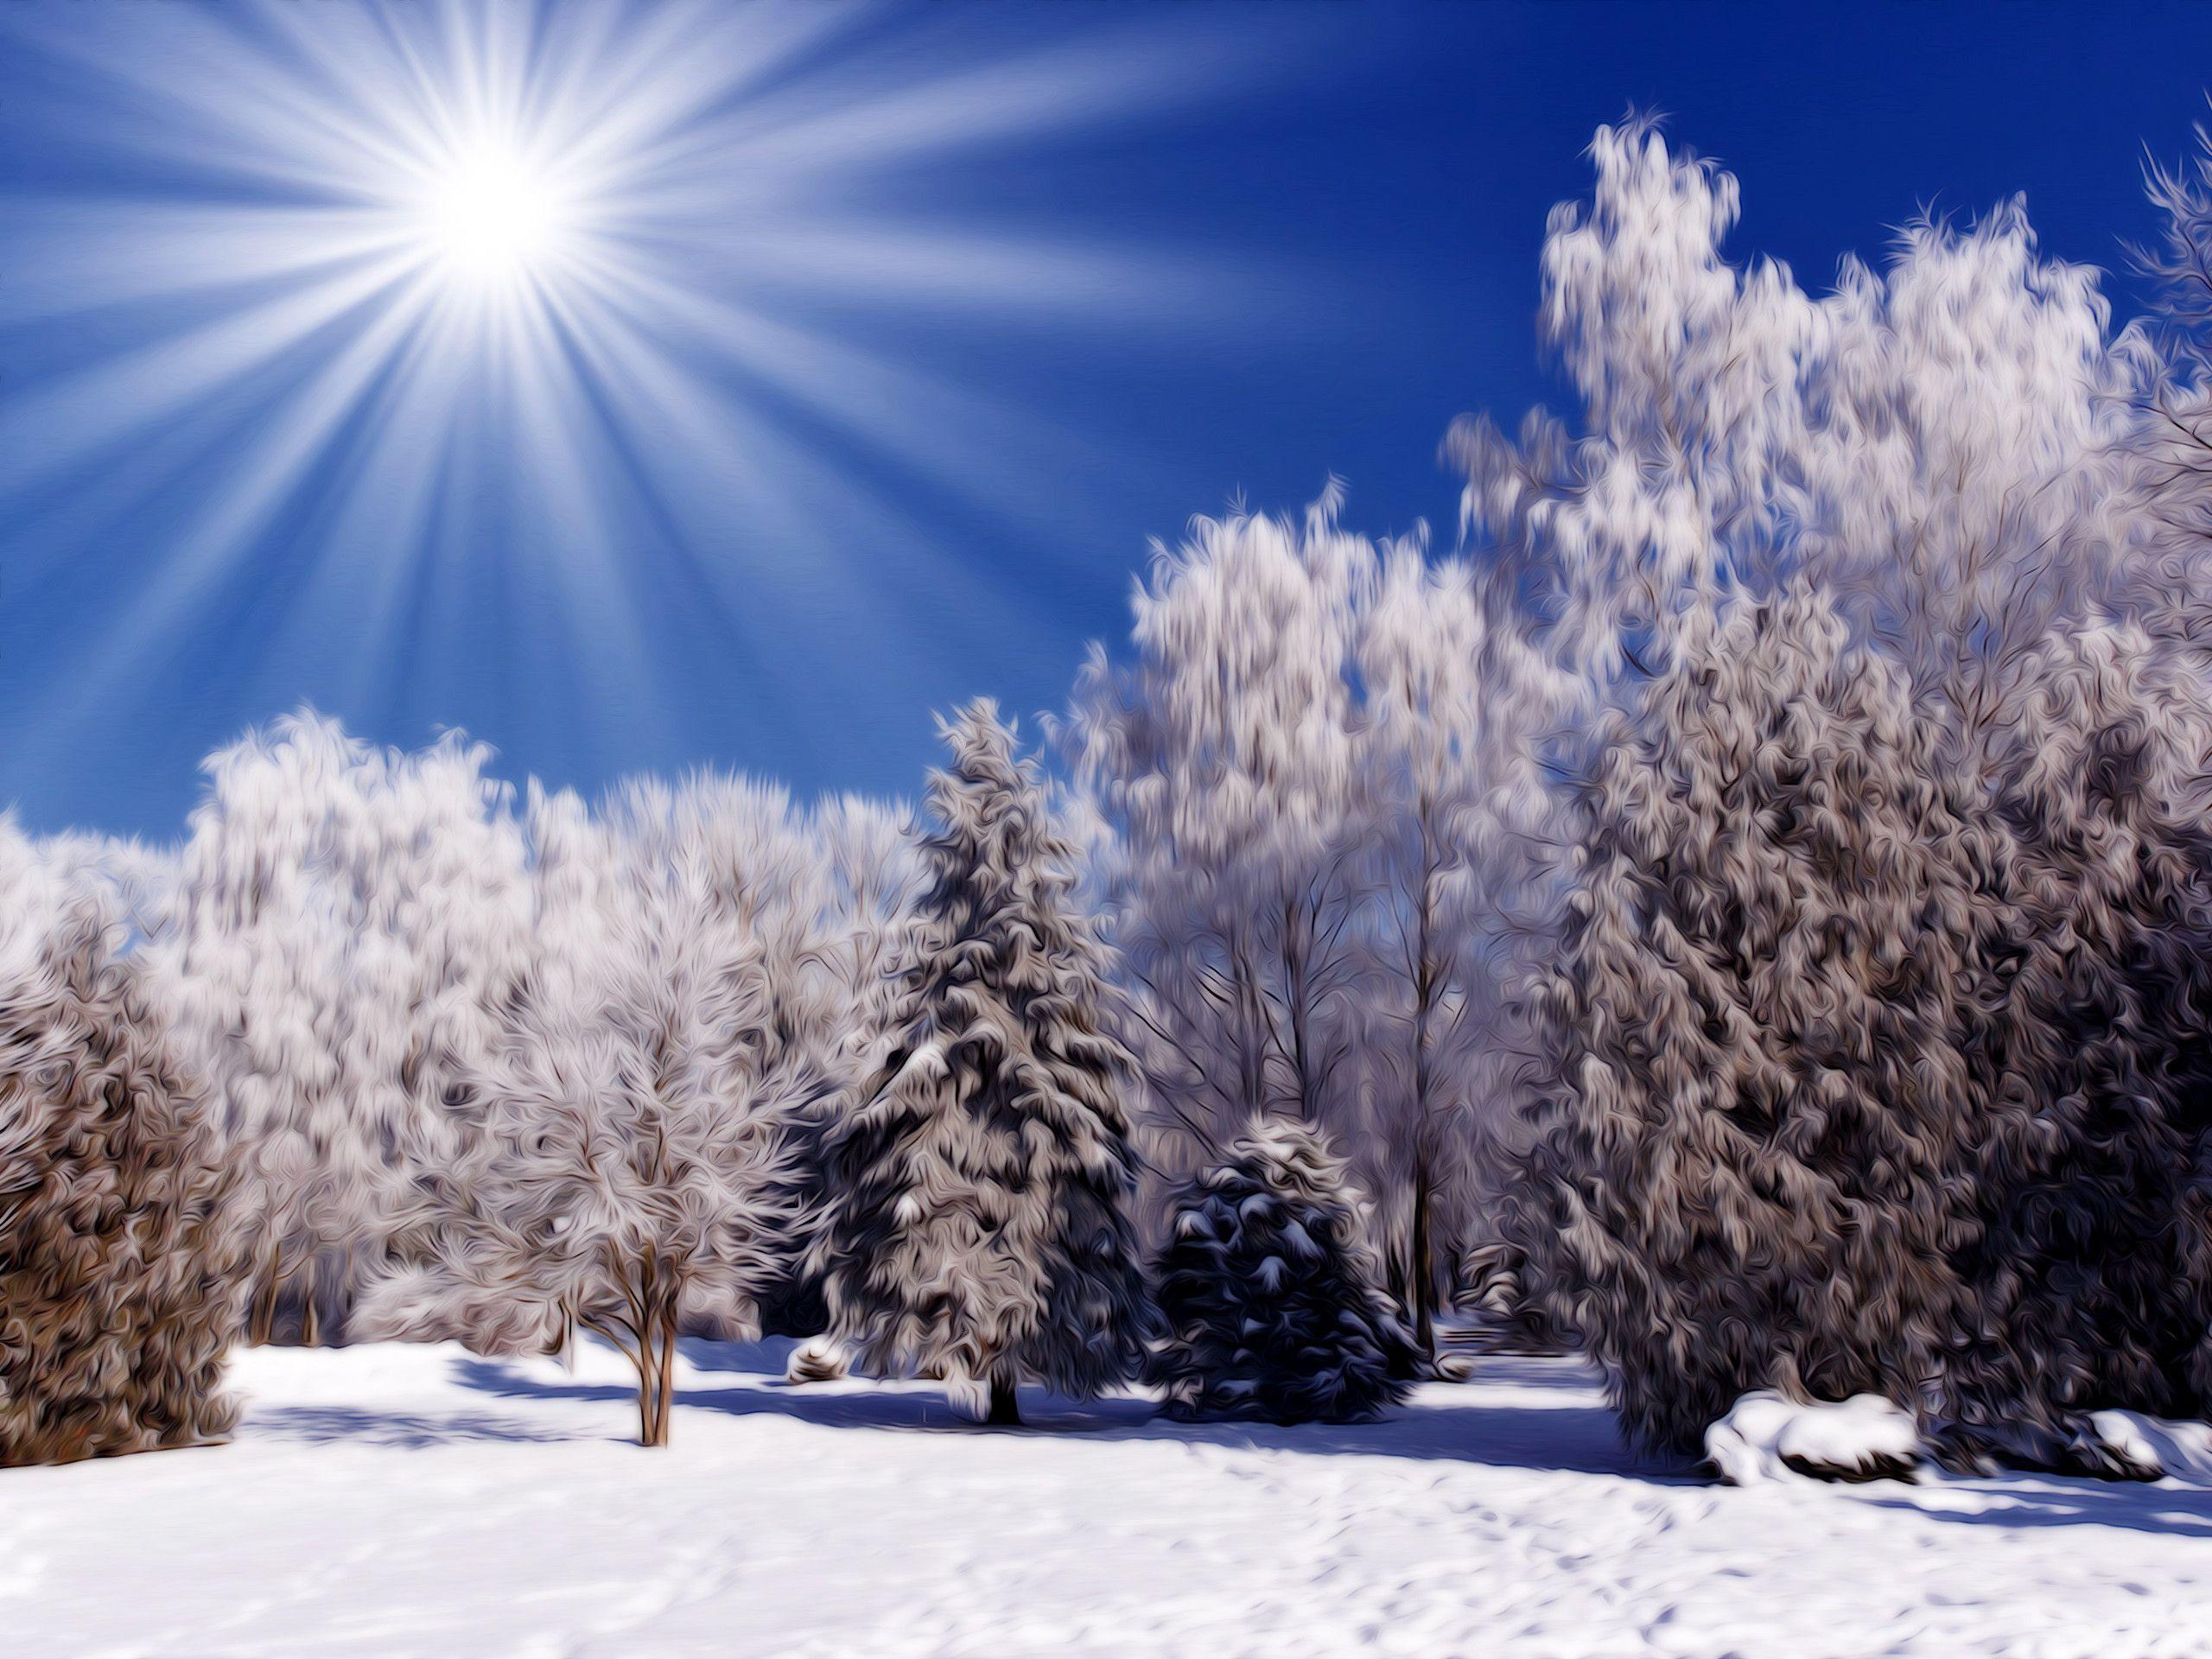 Winter Nature Scenes Wallpapers (69 Wallpapers)